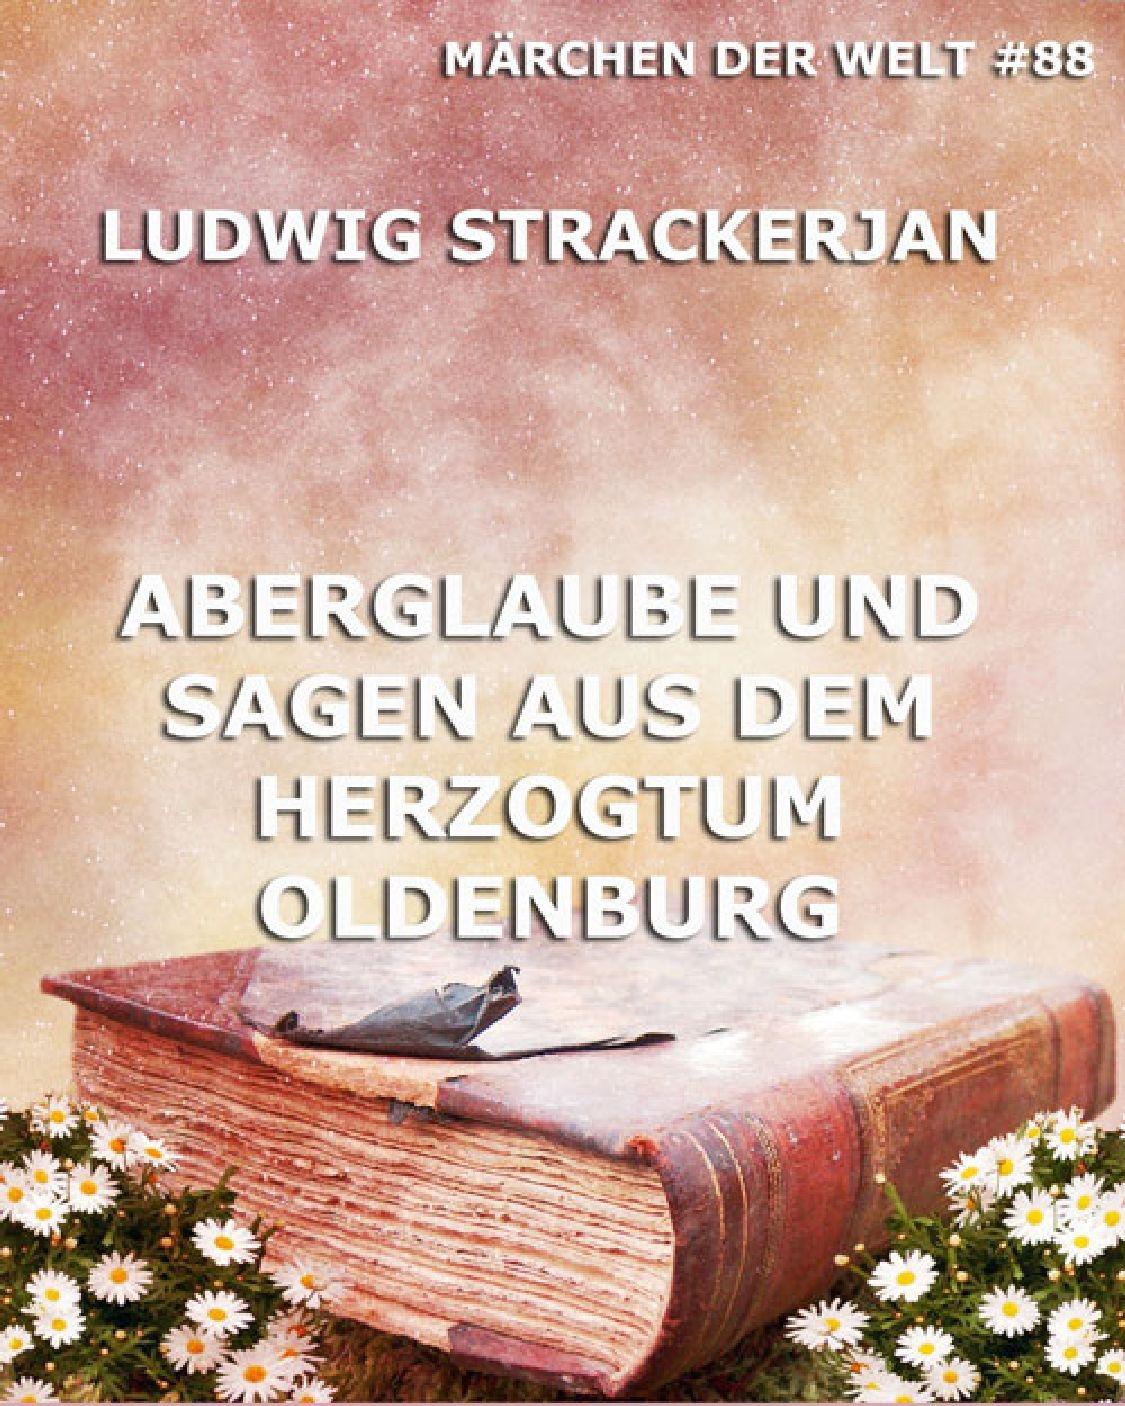 Ludwig Strackerjan Aberglaube und Sagen aus dem Herzogtum Oldenburg